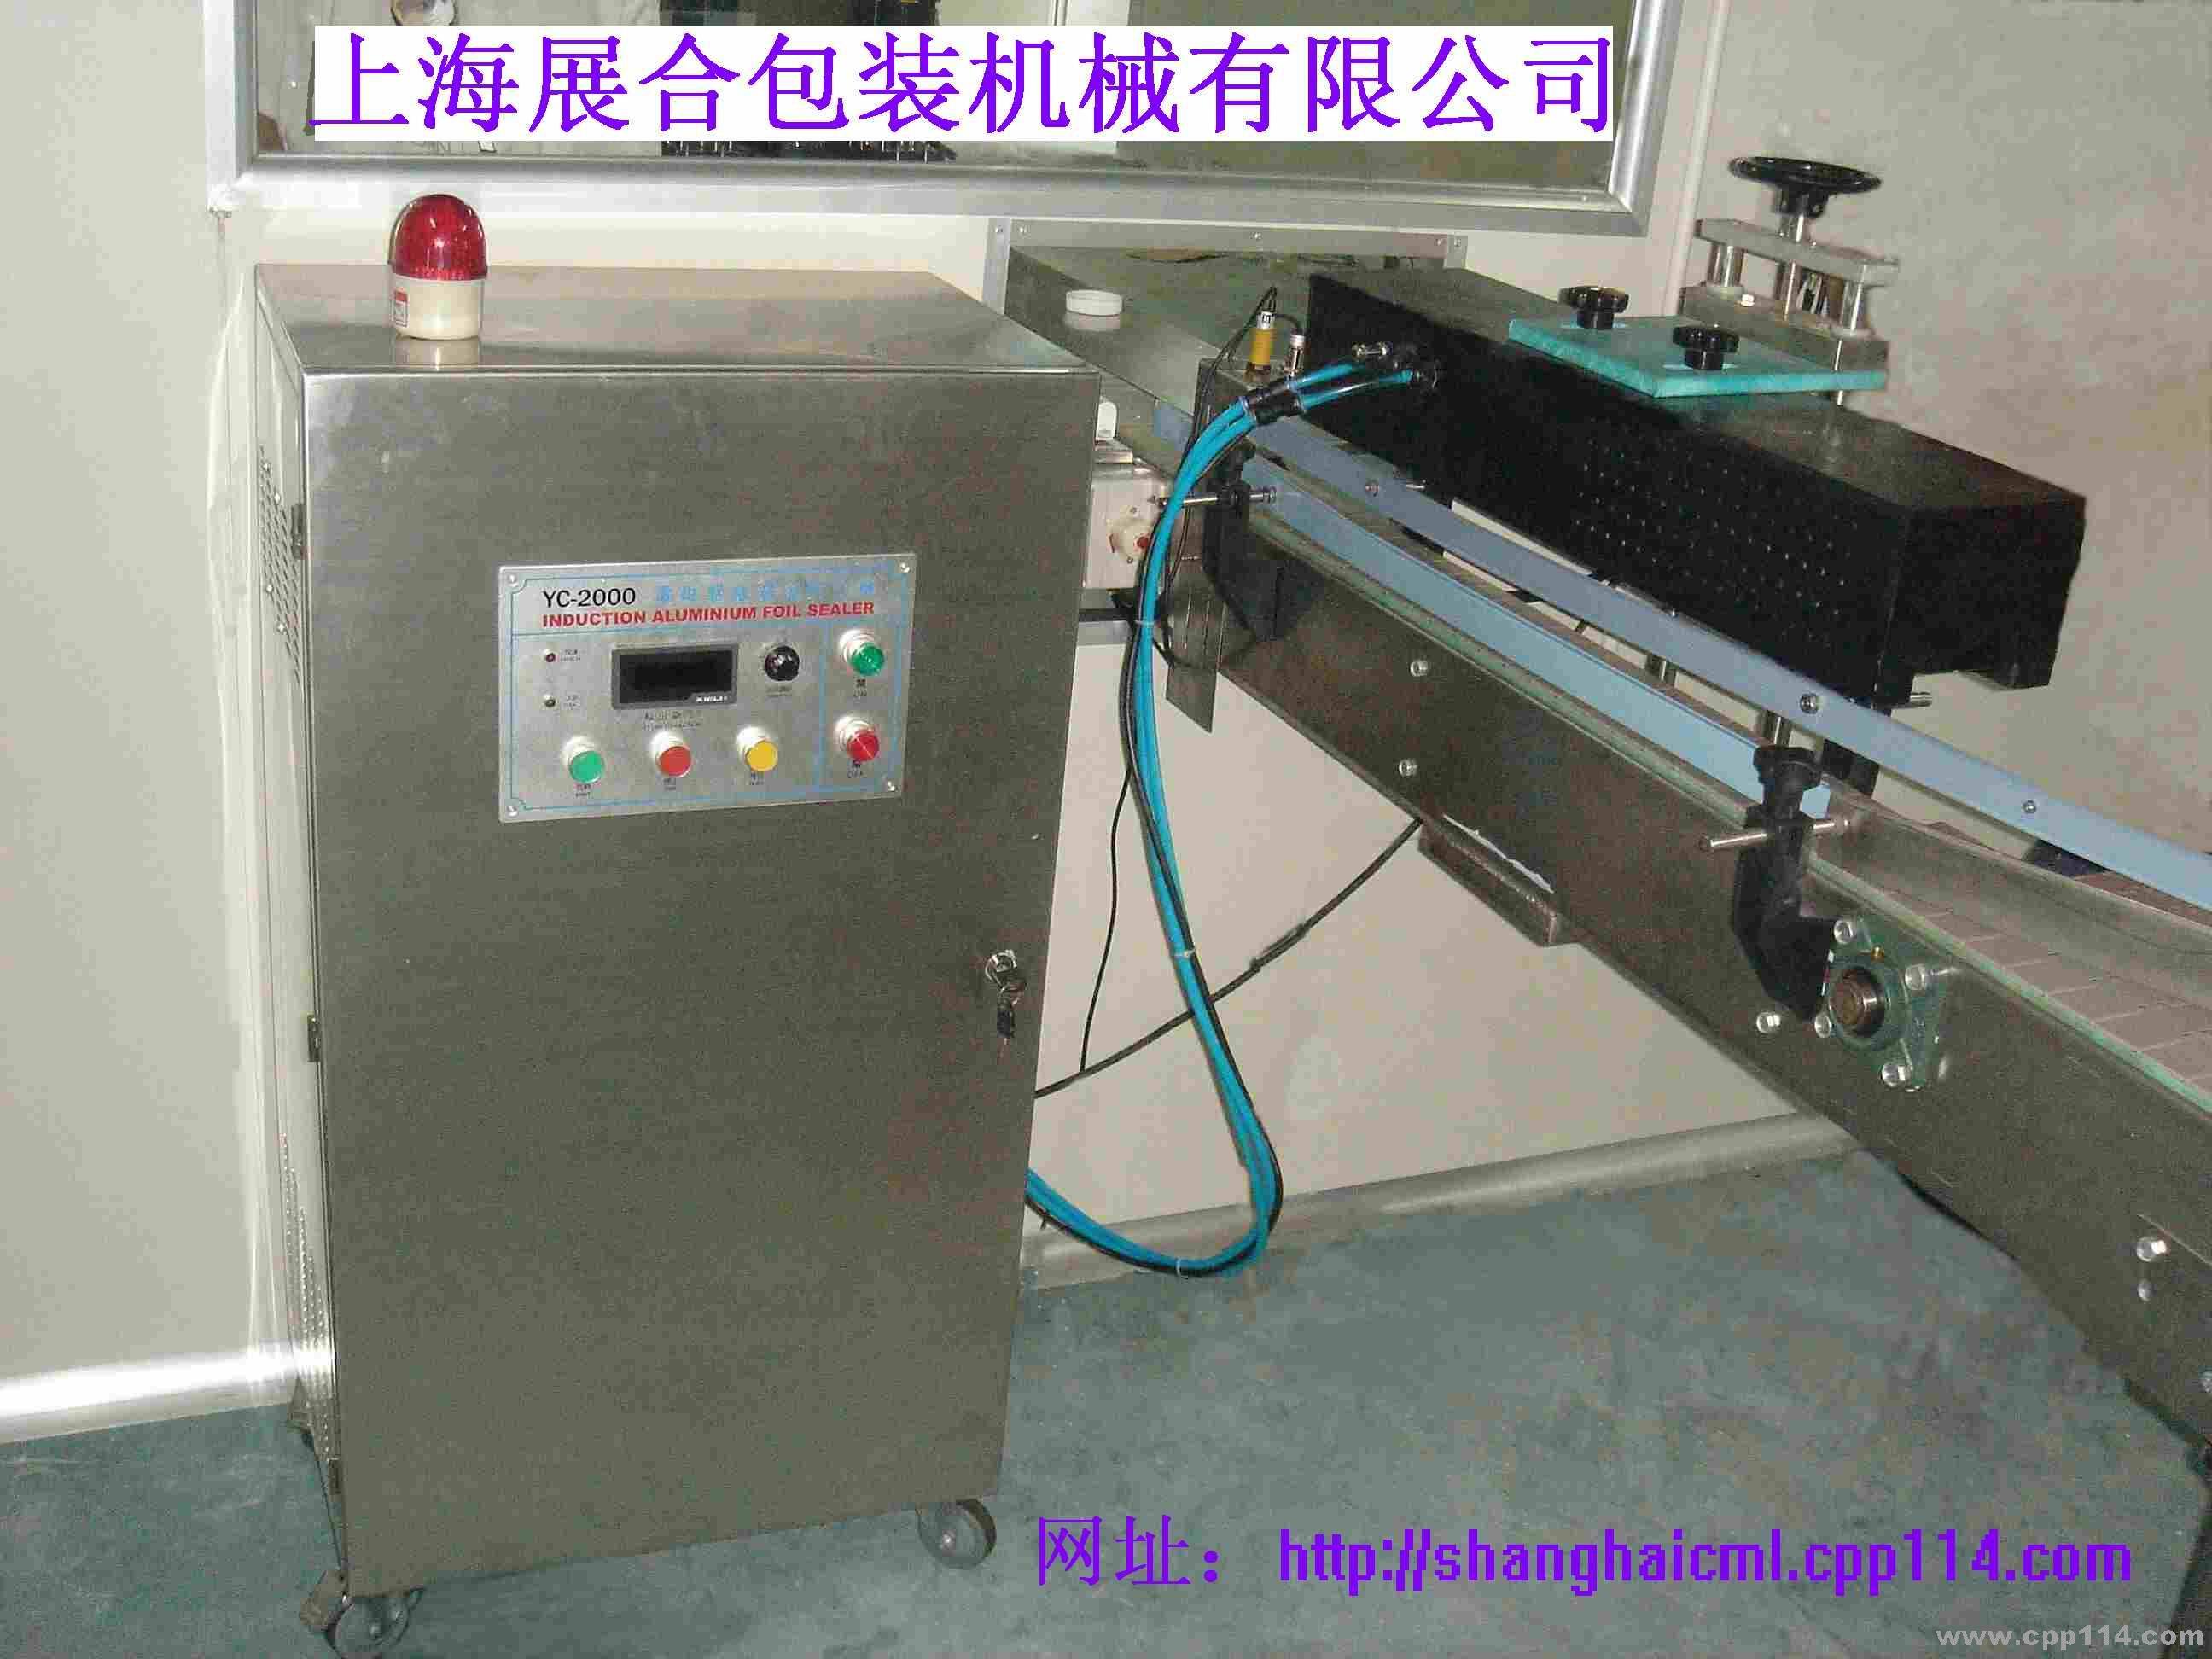 【供应】自动晶体管电磁感应铝箔封口机